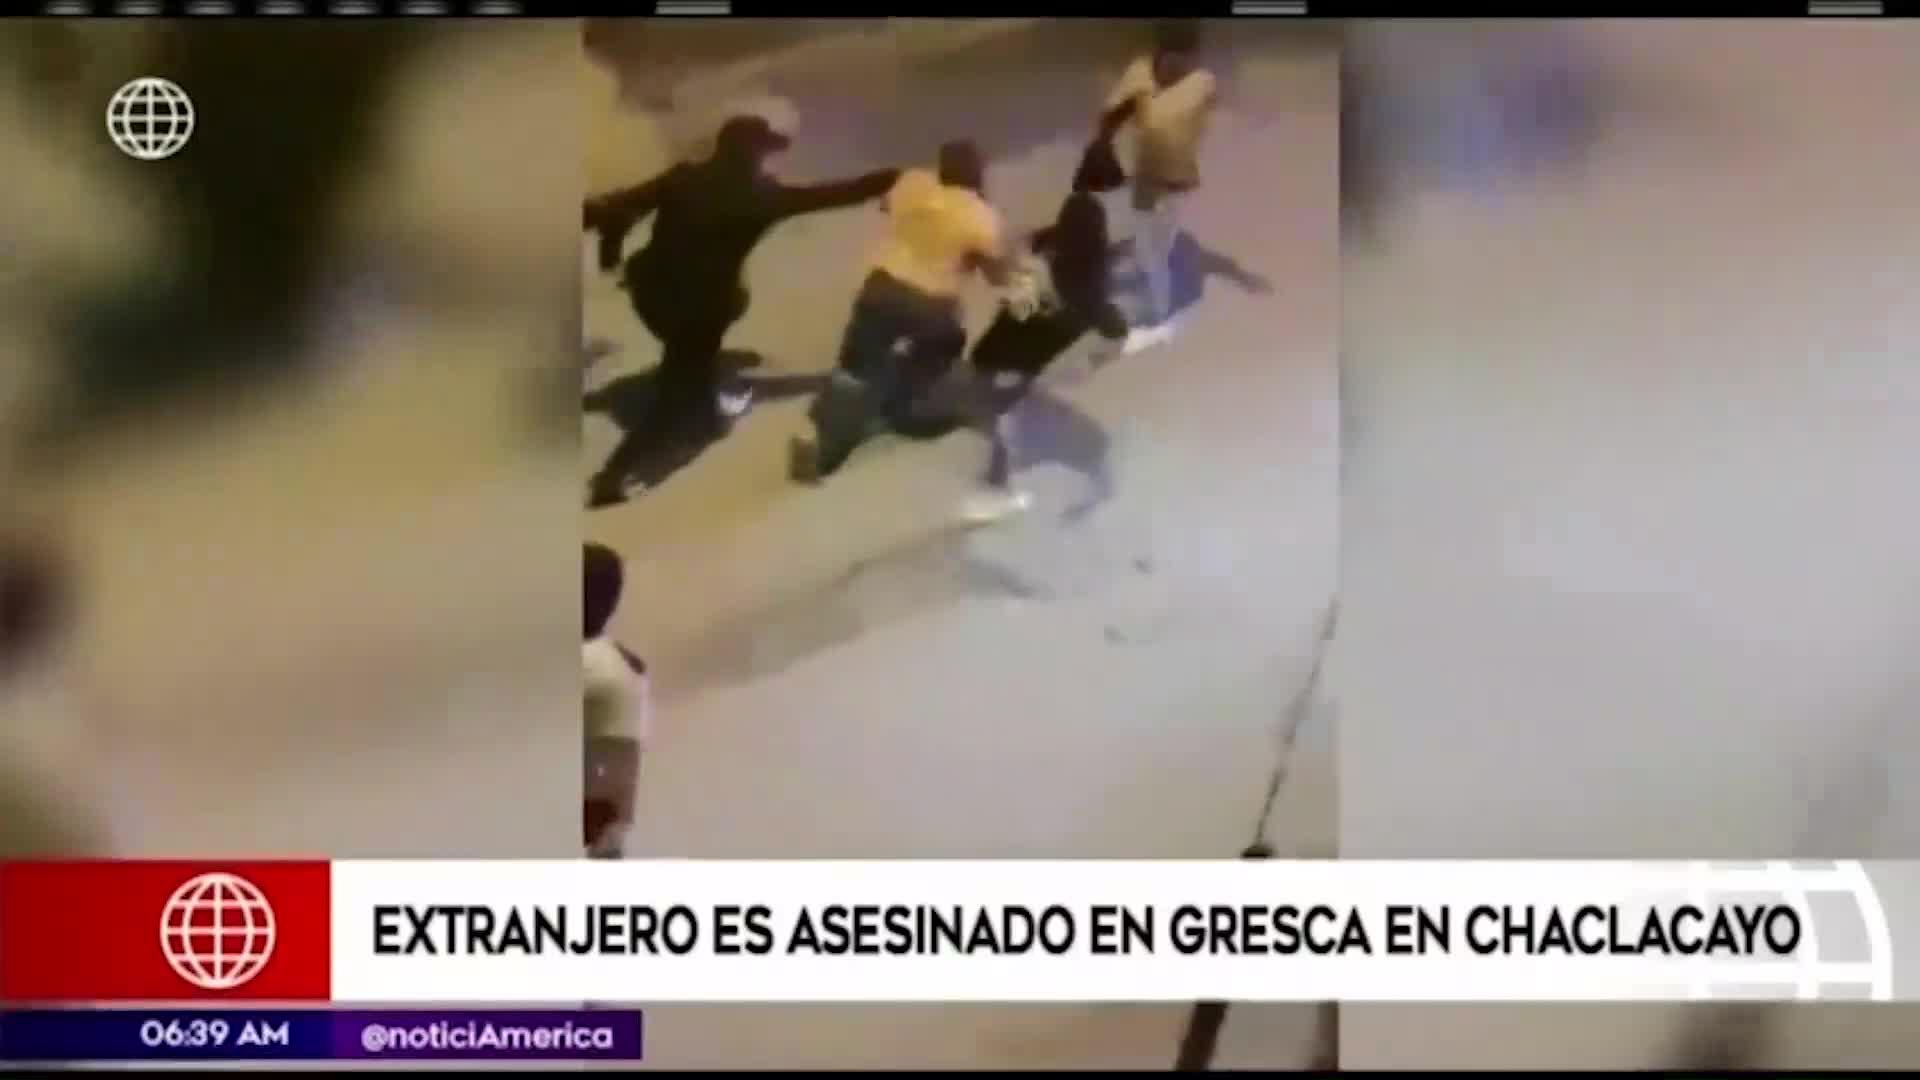 Ciudadano extranjero fue asesinado en Chaclacayo